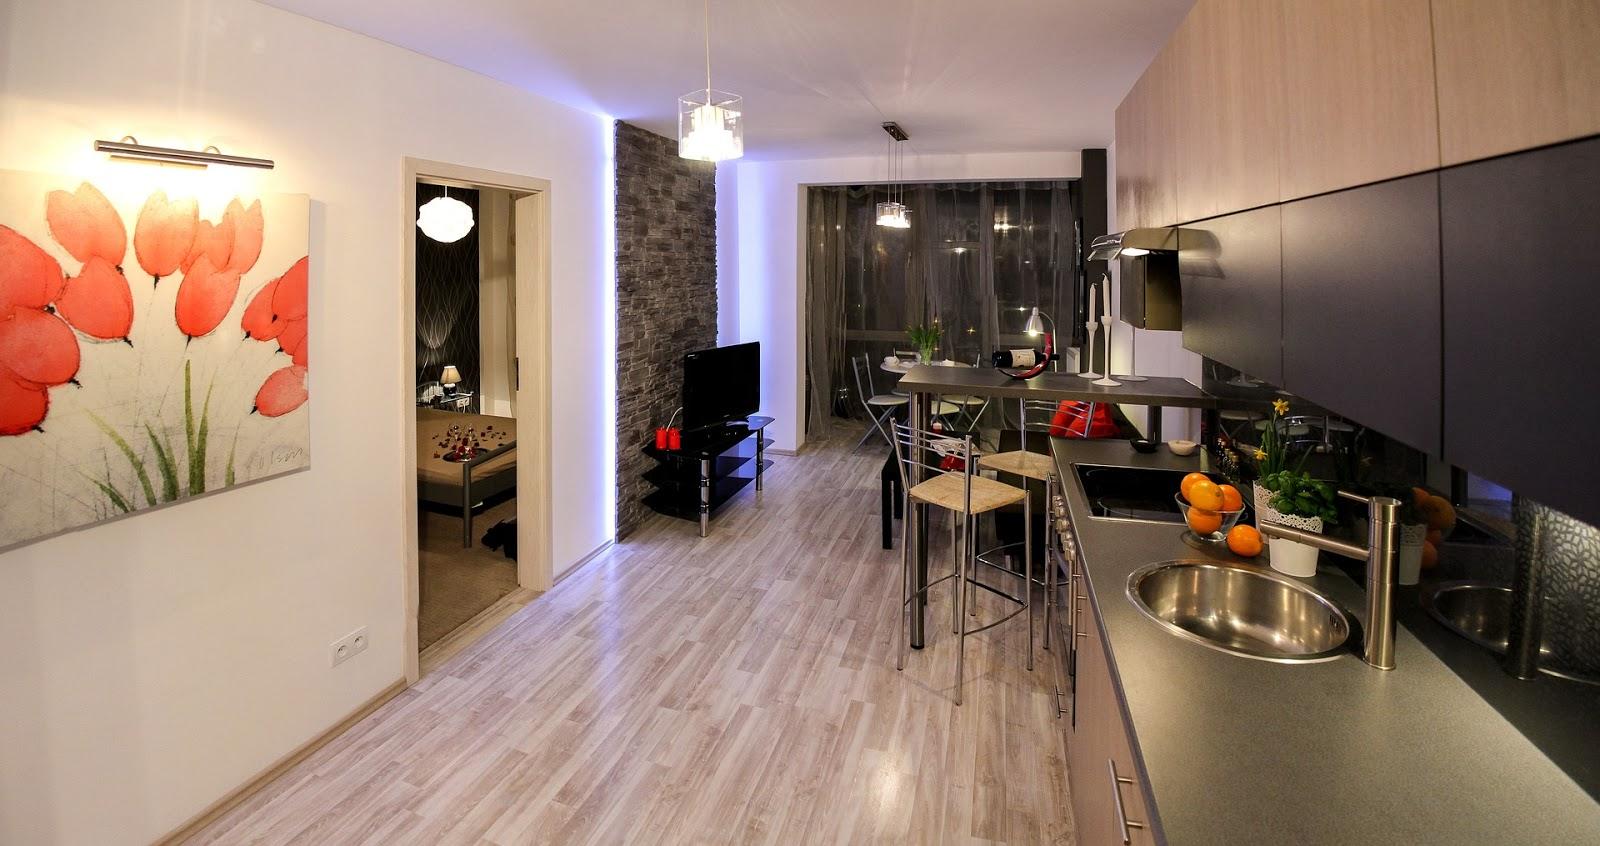 Decoraci n y dise o de interiores plaza digital for Diseno de interiores para apartamentos pequenos